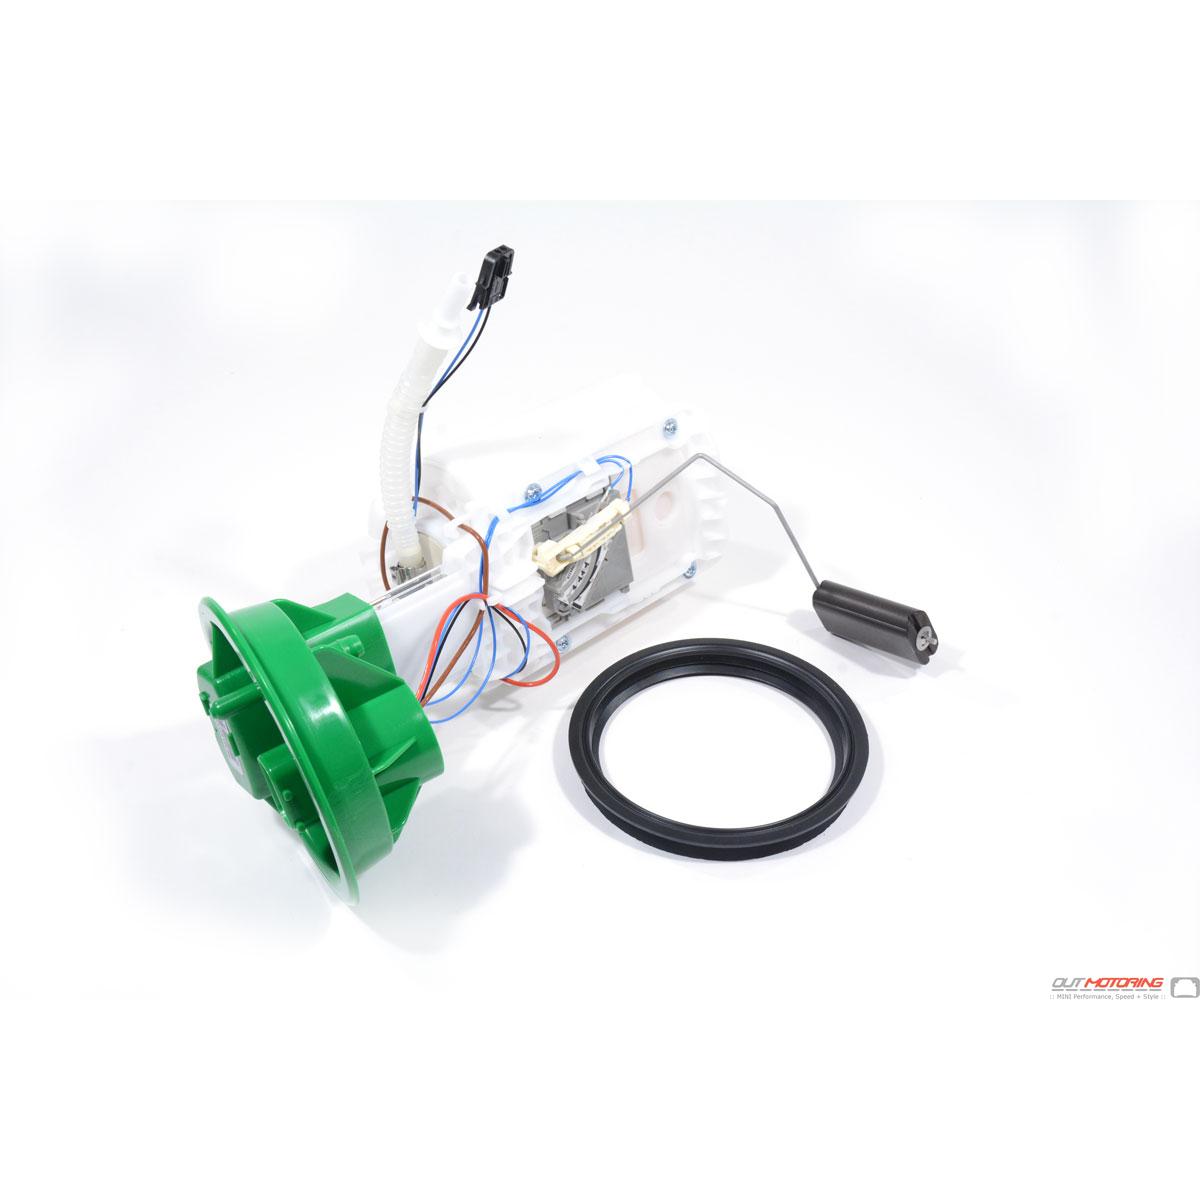 16146766177 16146765121 mini cooper fuel pump and gas level sensor r50 2 3 mini cooper. Black Bedroom Furniture Sets. Home Design Ideas